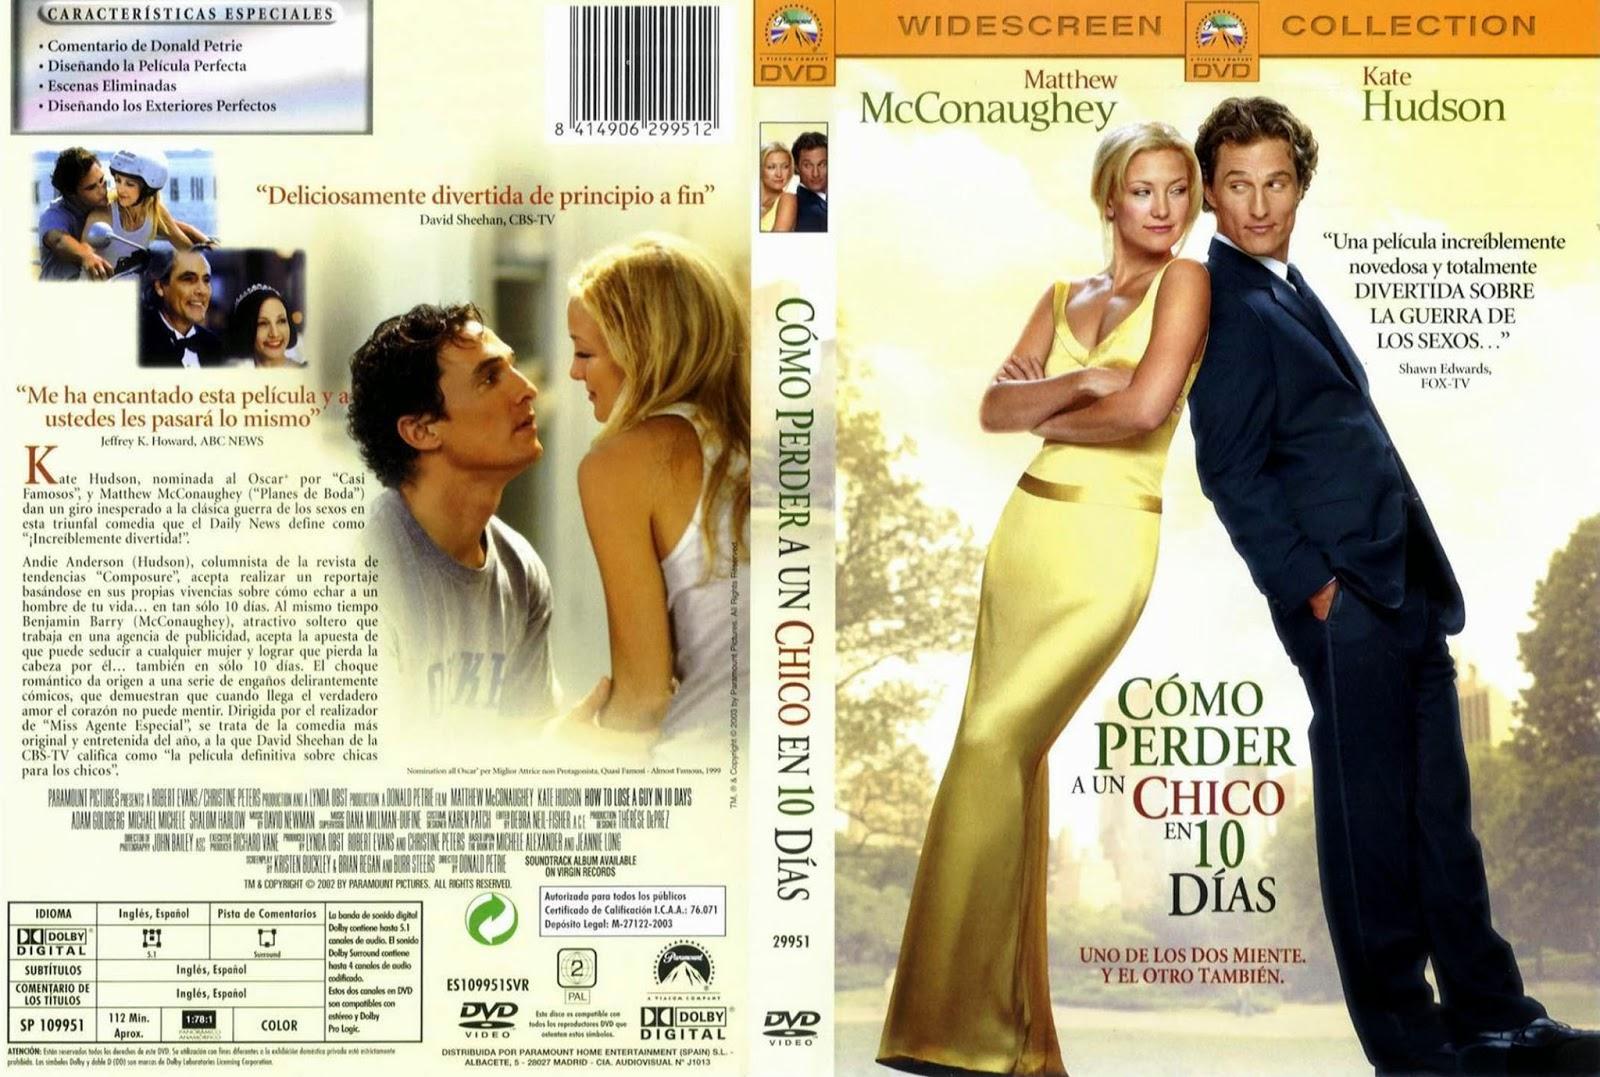 Como Perder A Un Chico En 10 Dias DVD